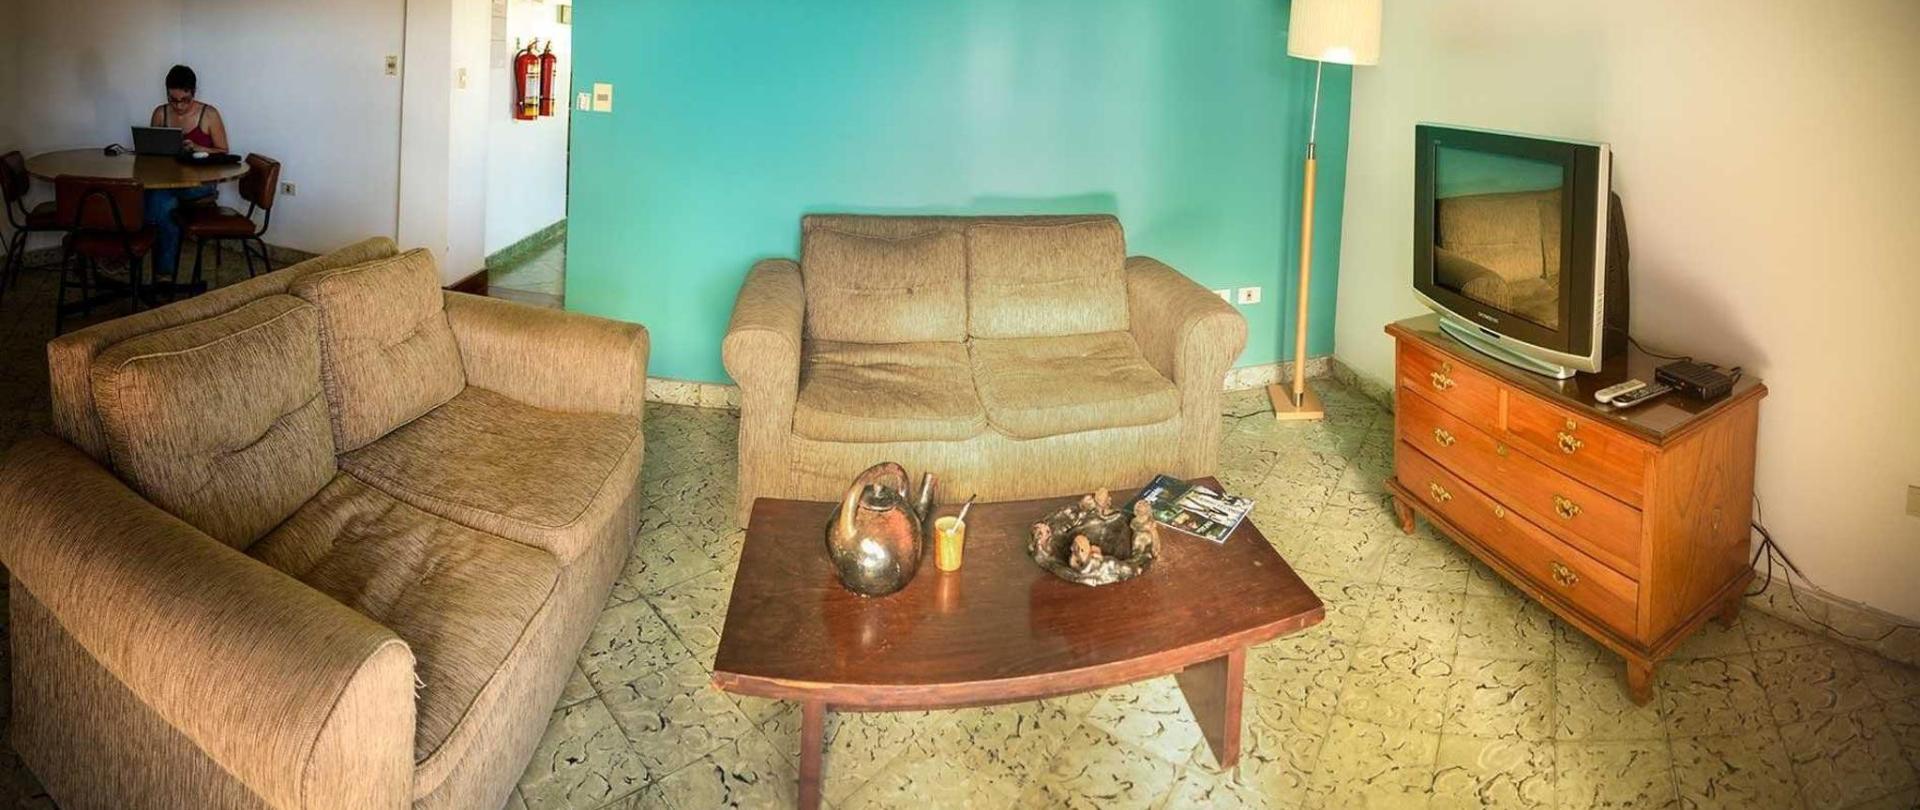 ara23-panoramica-sala-tele.jpg